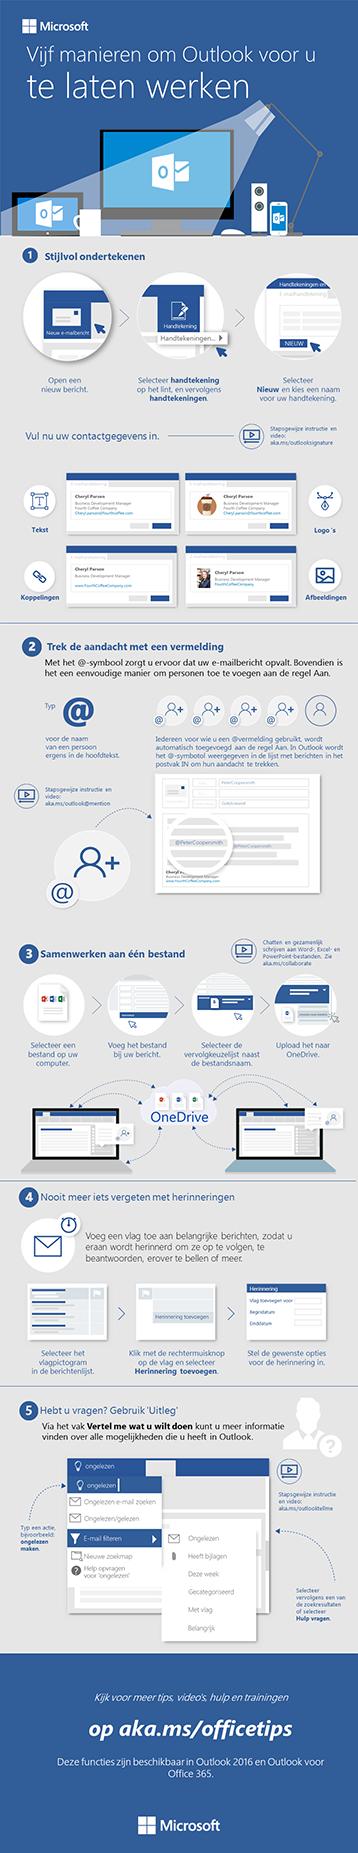 Vijf stappen voor leukere e-mail in Outlook 2016